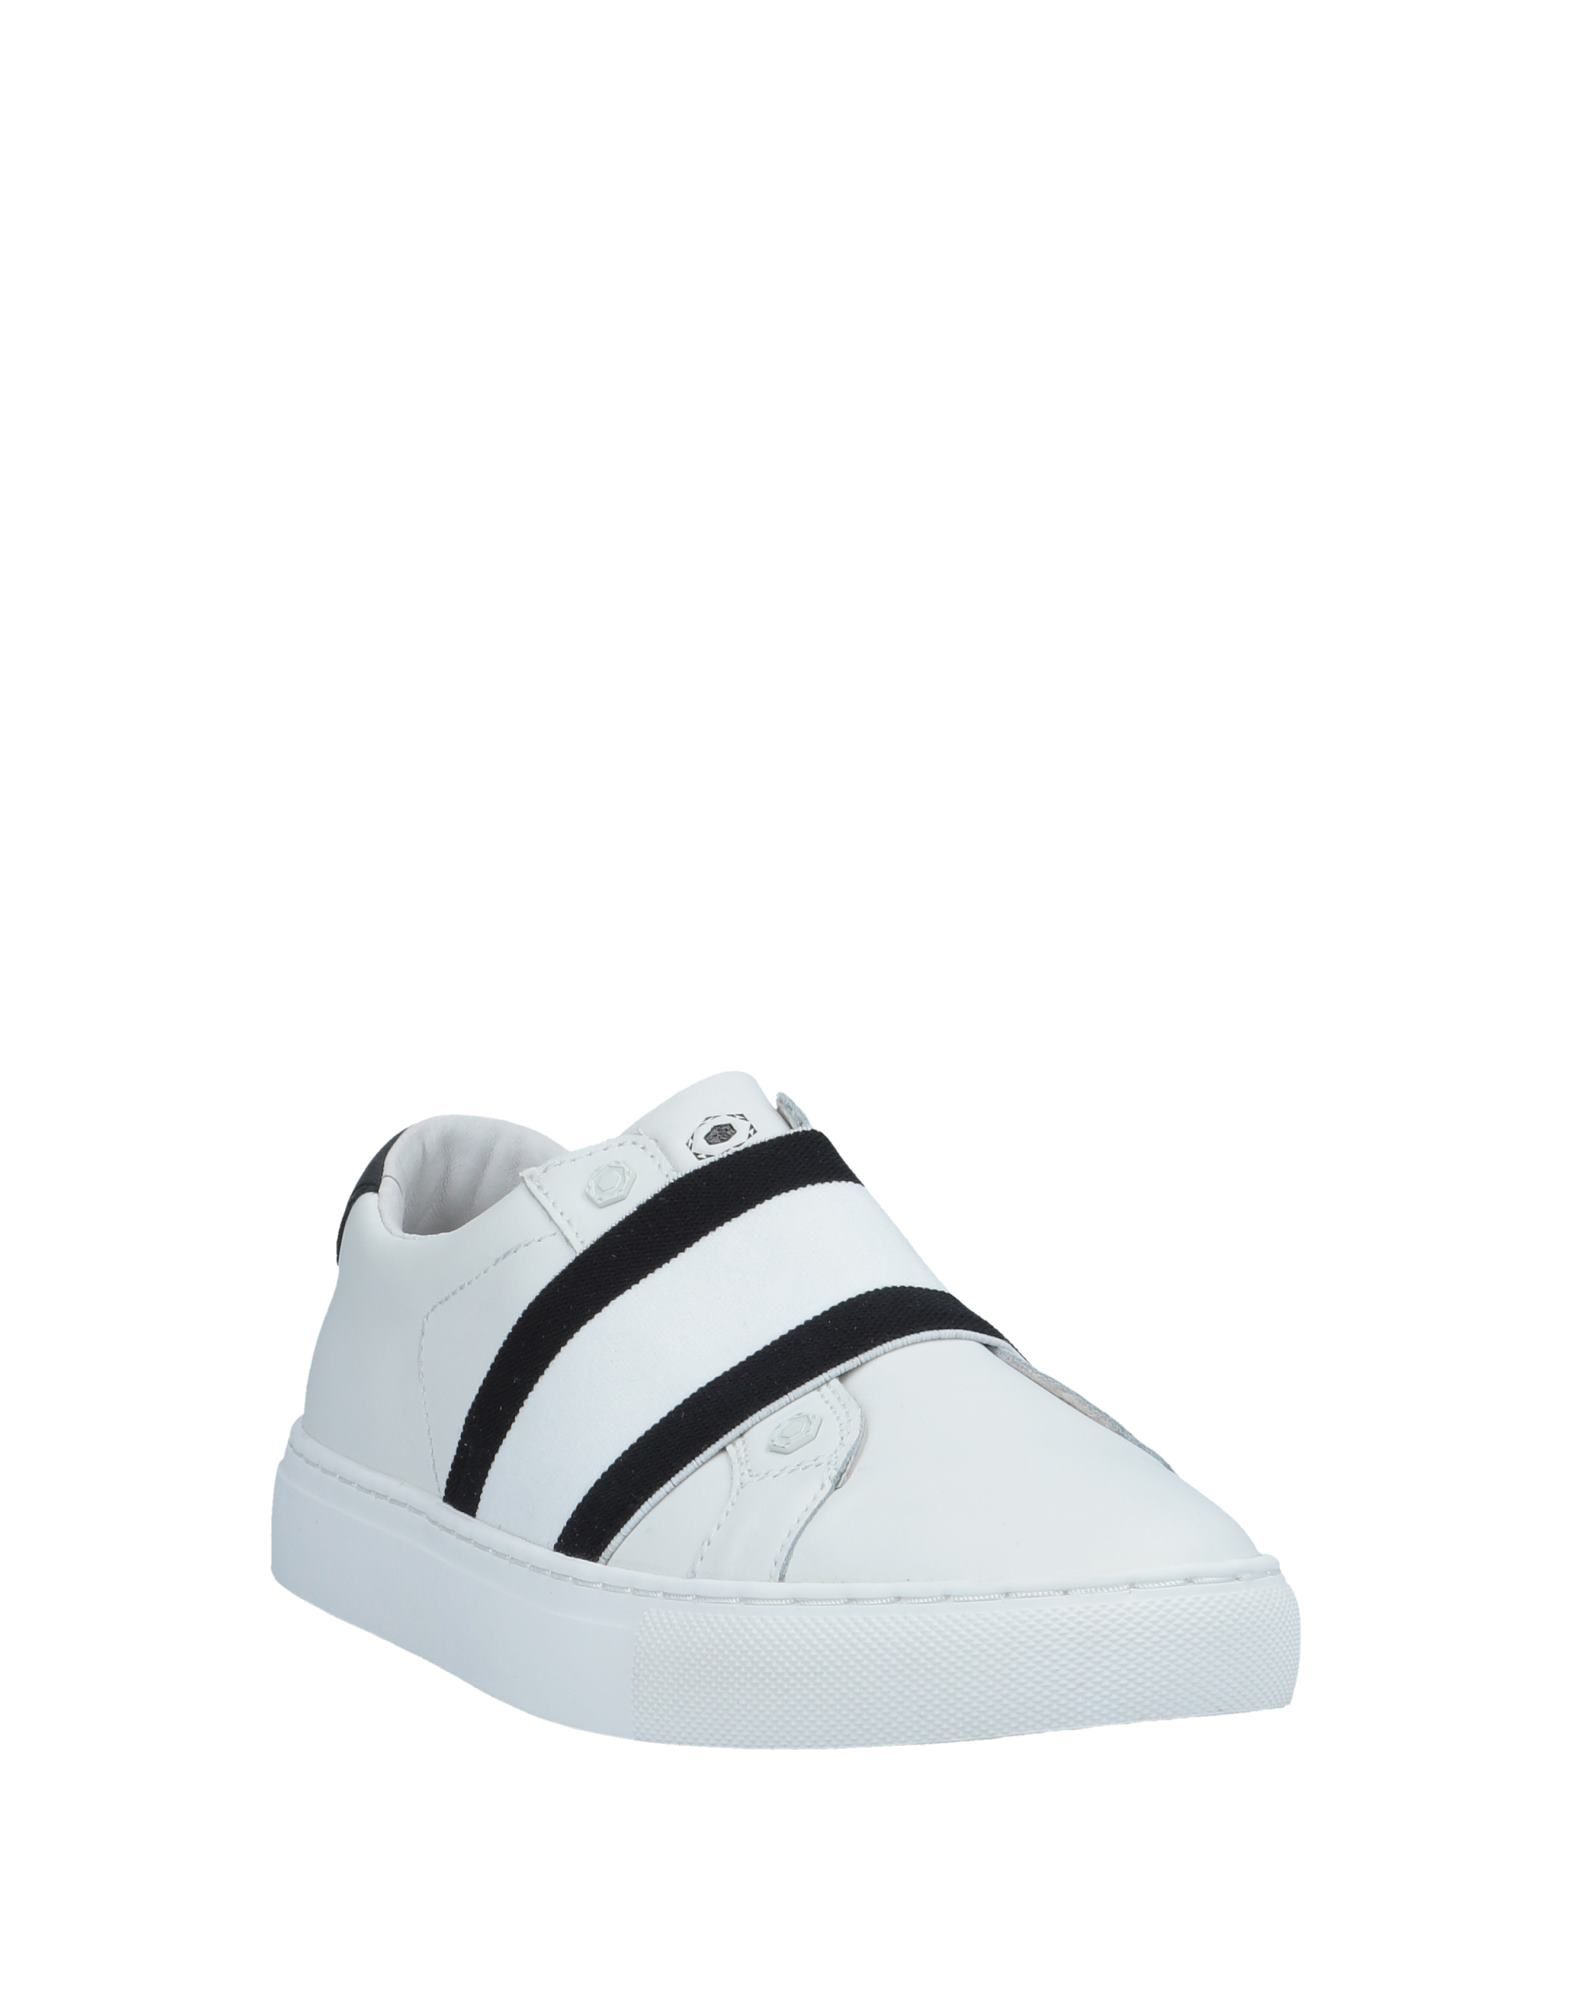 Moa Master Of Arts Master Sneakers - Men Moa Master Arts Of Arts Sneakers online on  United Kingdom - 11581830FE 5f42fa